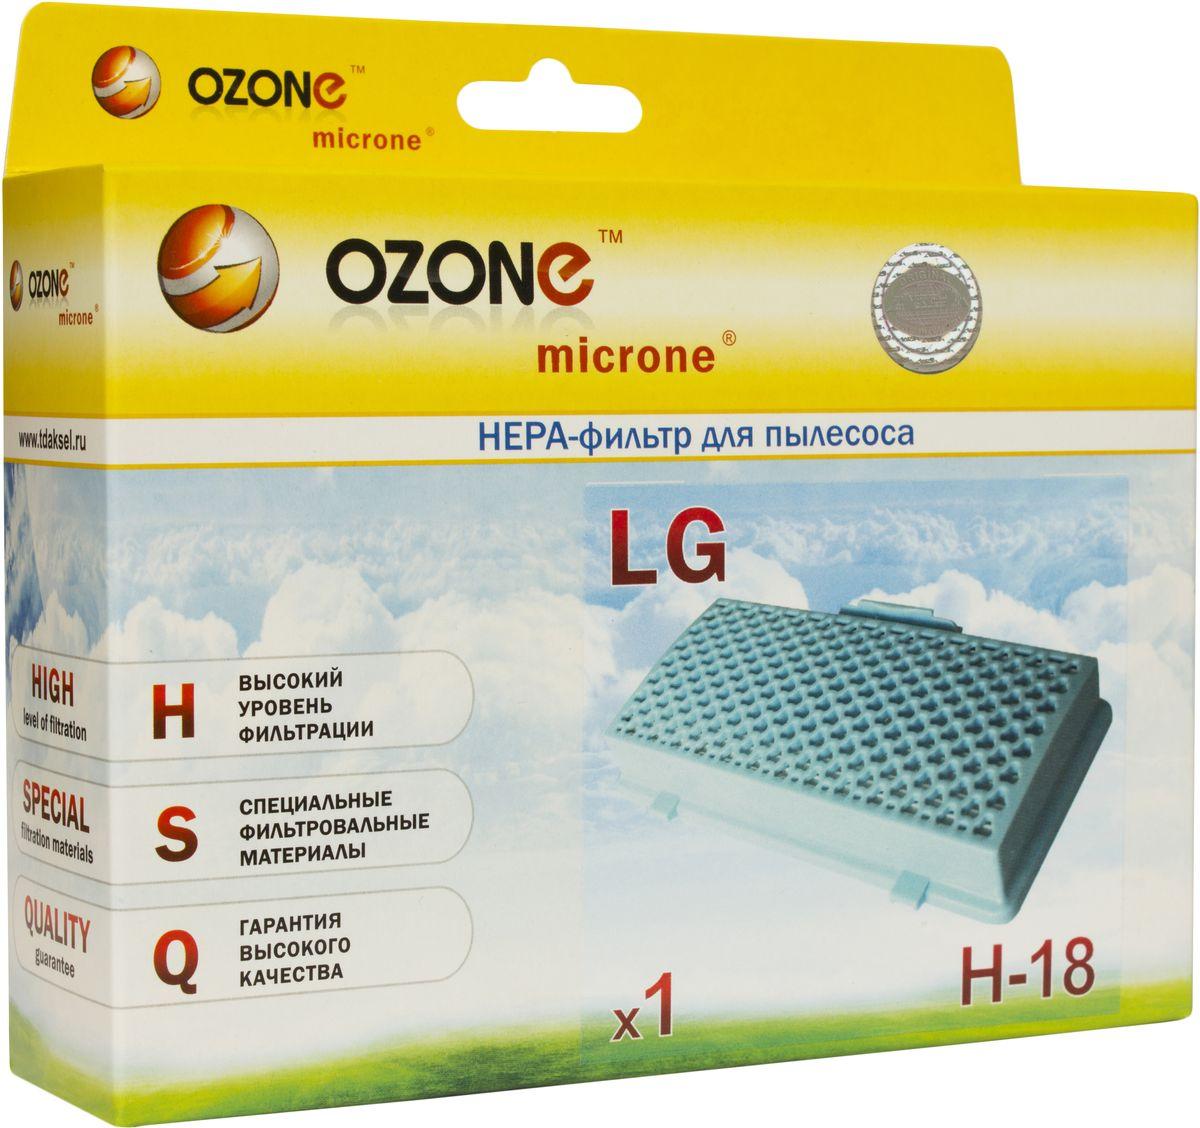 Ozone H-18 НЕРА фильтр для пылесоса LG jia pei подходит просо mi фильтр для очистки воздуха для проса mi 2 поколения 1 поколения